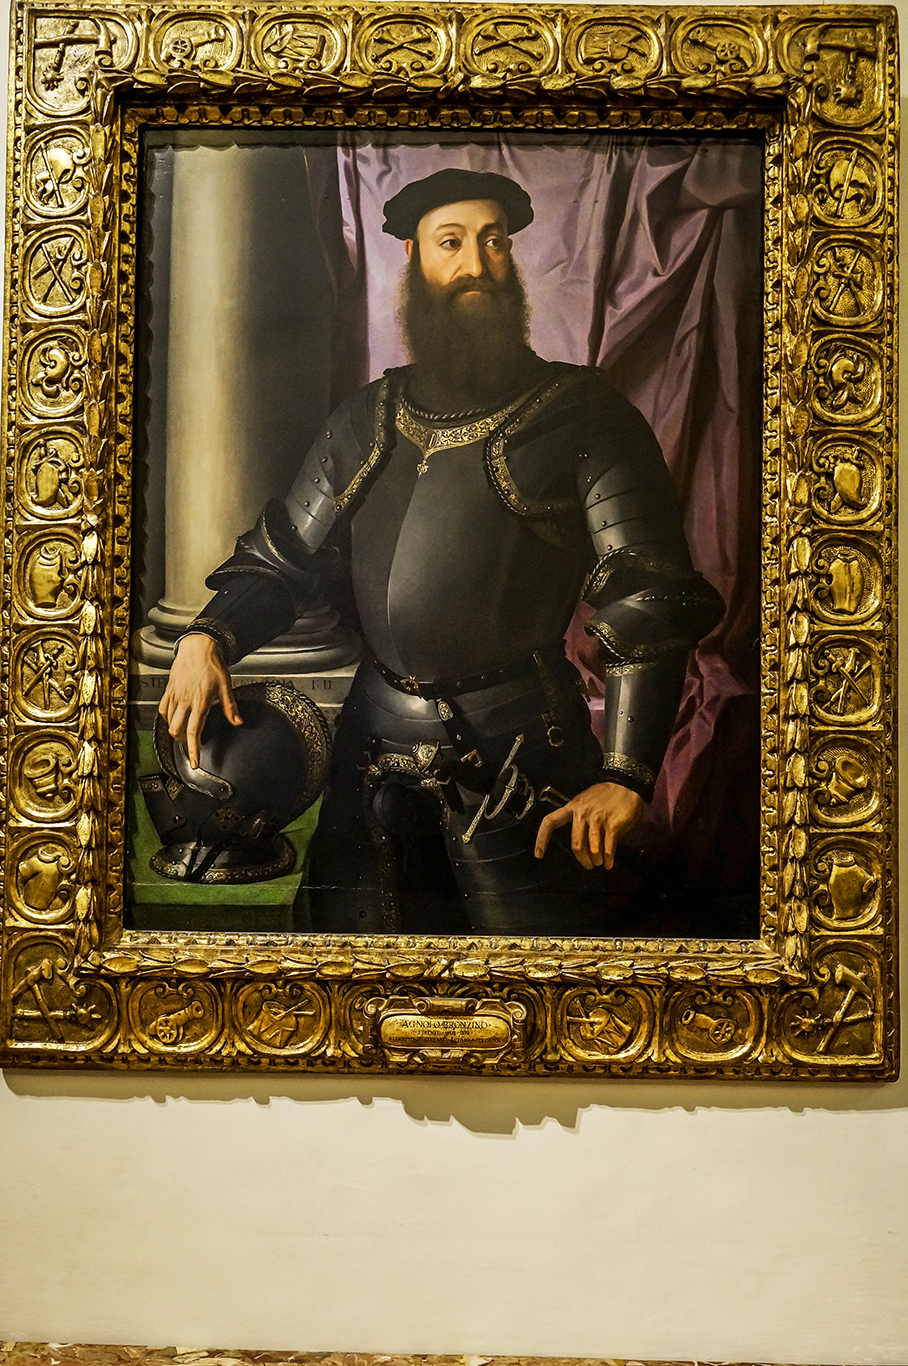 Μπροντζίνο, «πορτραίτο του Στέφανου Σιάρα-Κολόνα»